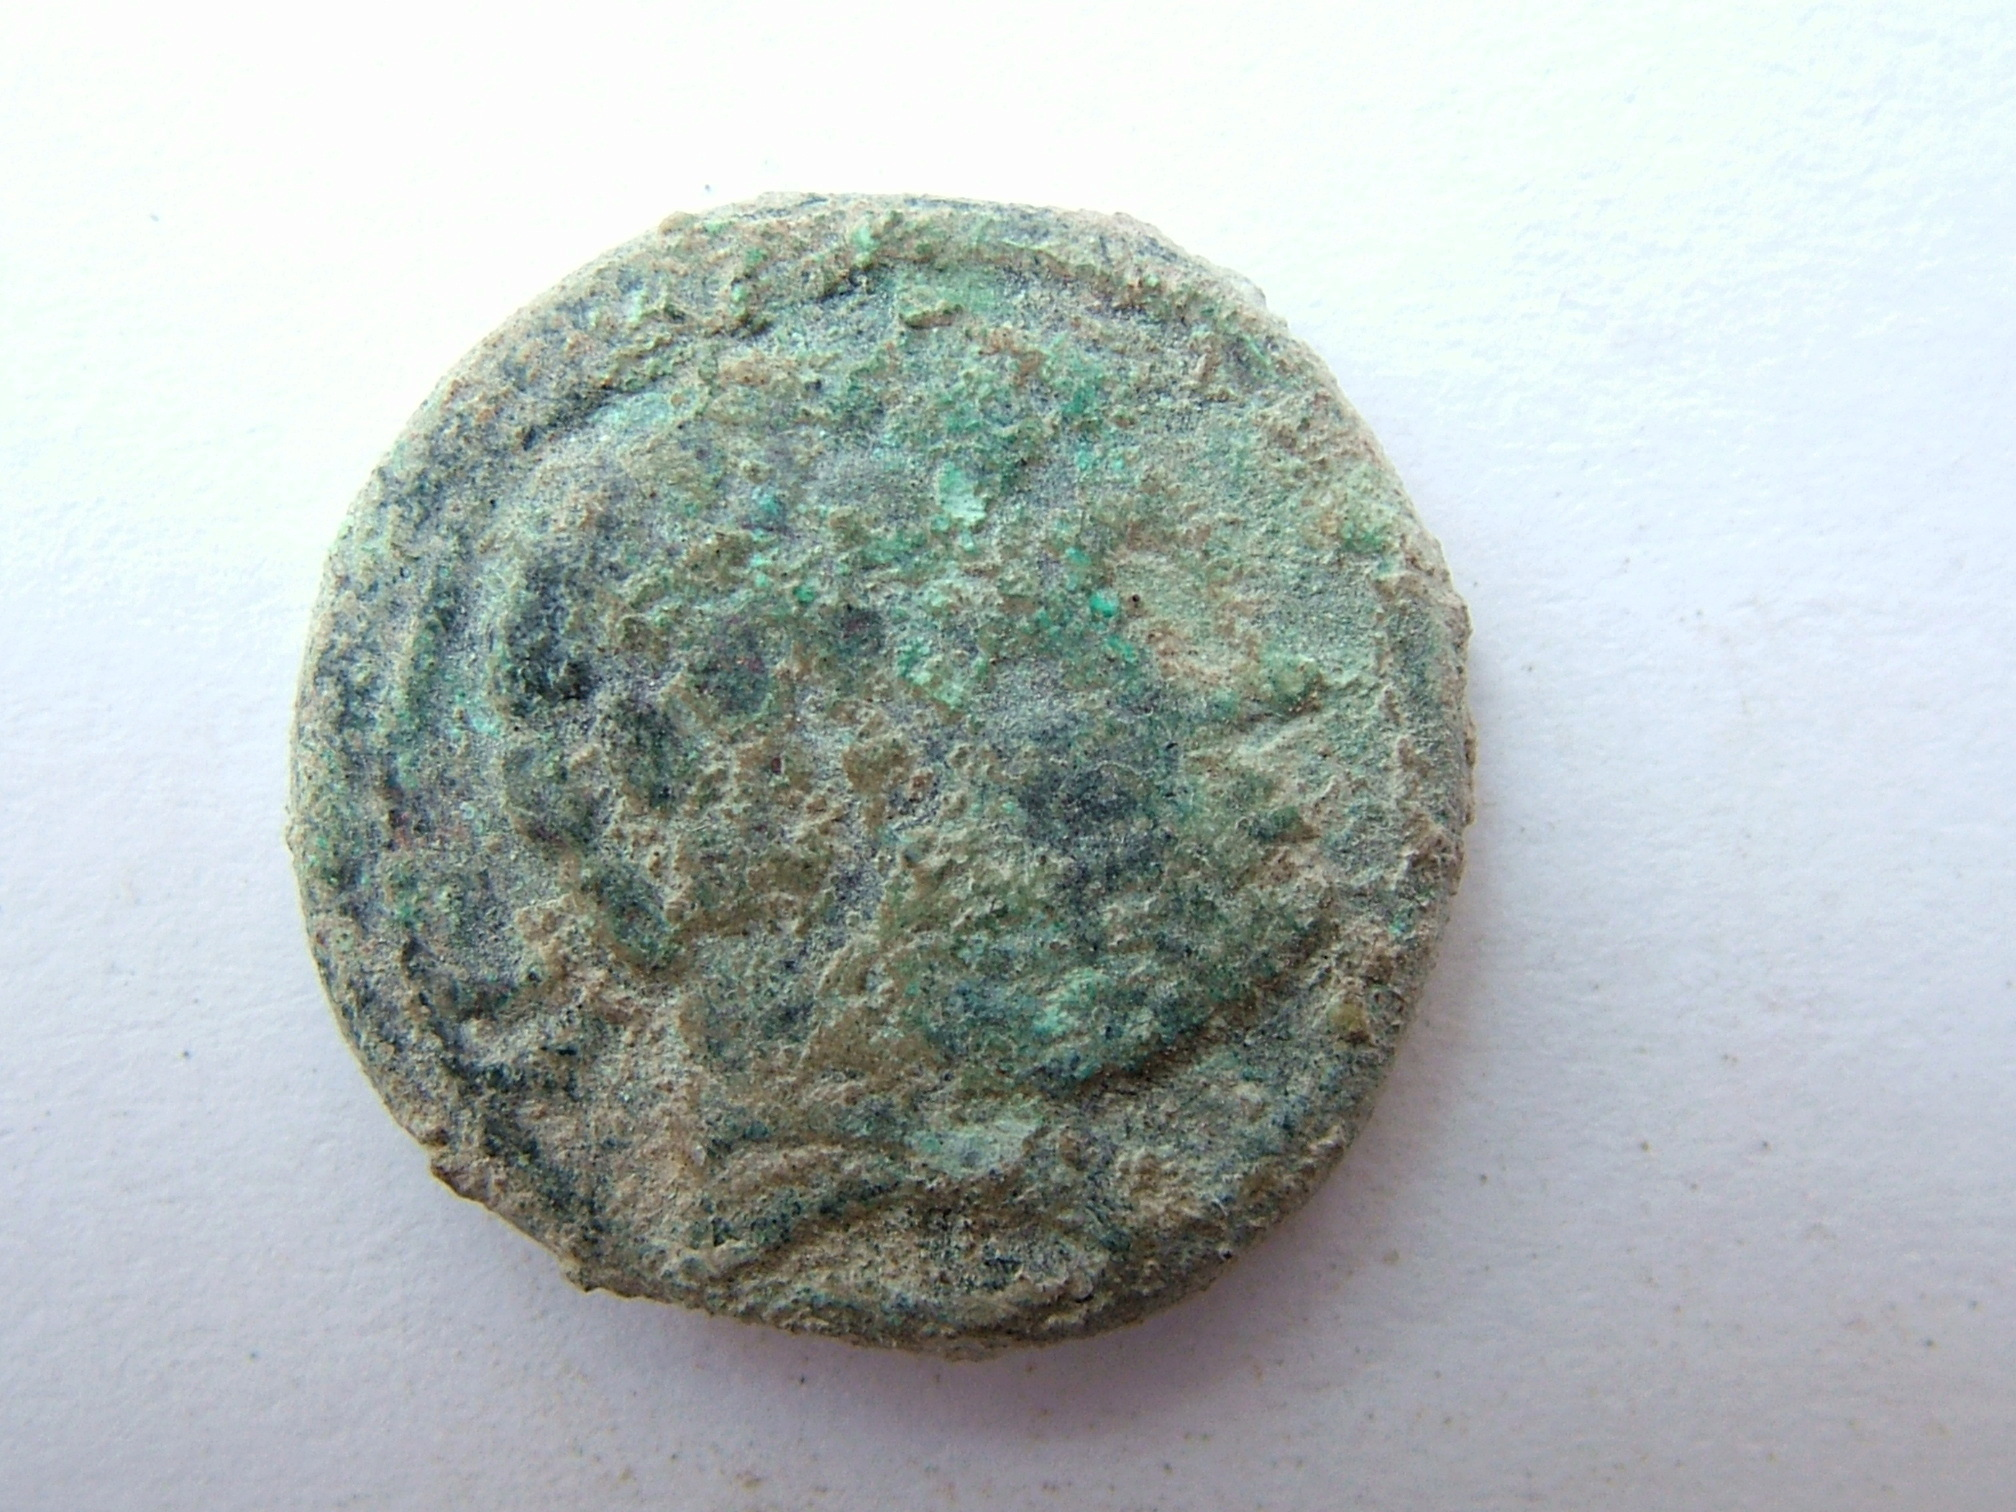 Imágenes a gran escala de pátinas y monedas falsas. Escalofriante (+18). 06_bel10